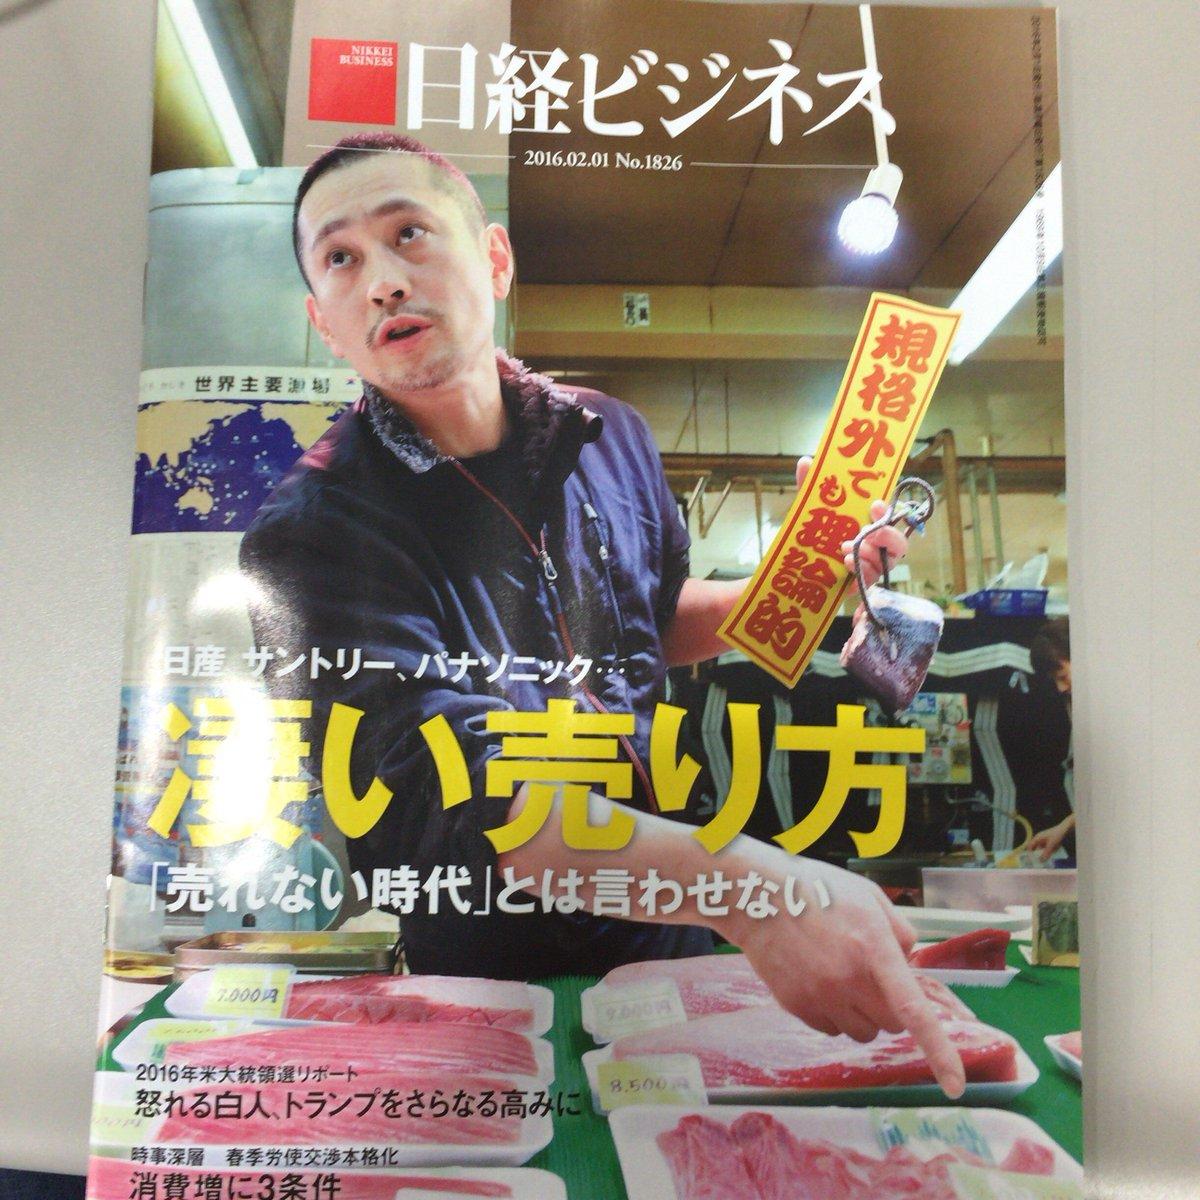 職場に届いてた郵便物を開けたら、きゃ! 「日経ビジネス」に漁港の船長が表紙になってい鱒よー! https://t.co/8Deje8QD1x